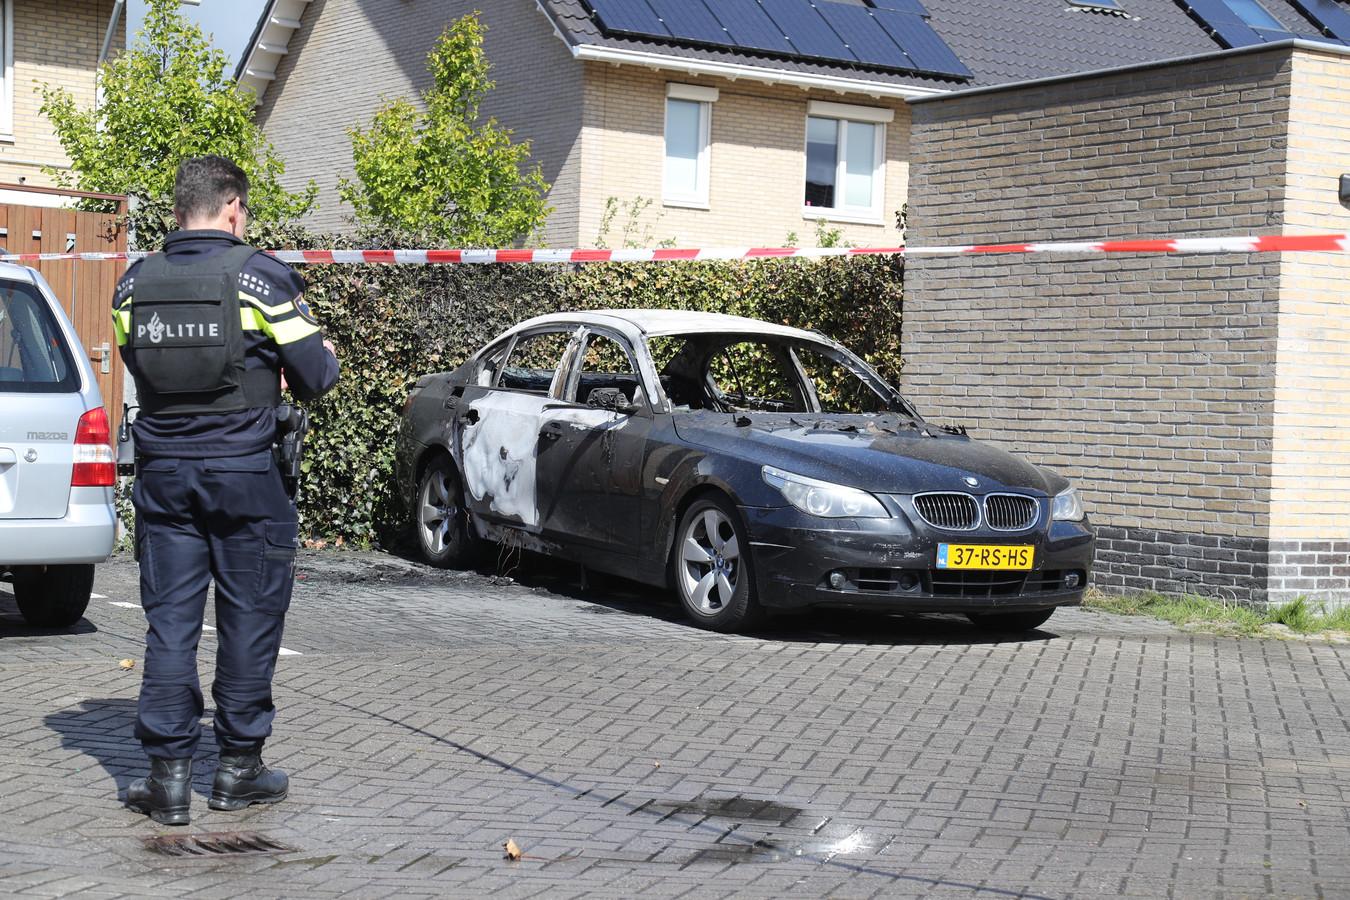 De politie heeft de straat afgezet rondom de in de wijk Oosterheem aangetroffen uitgebrande auto.